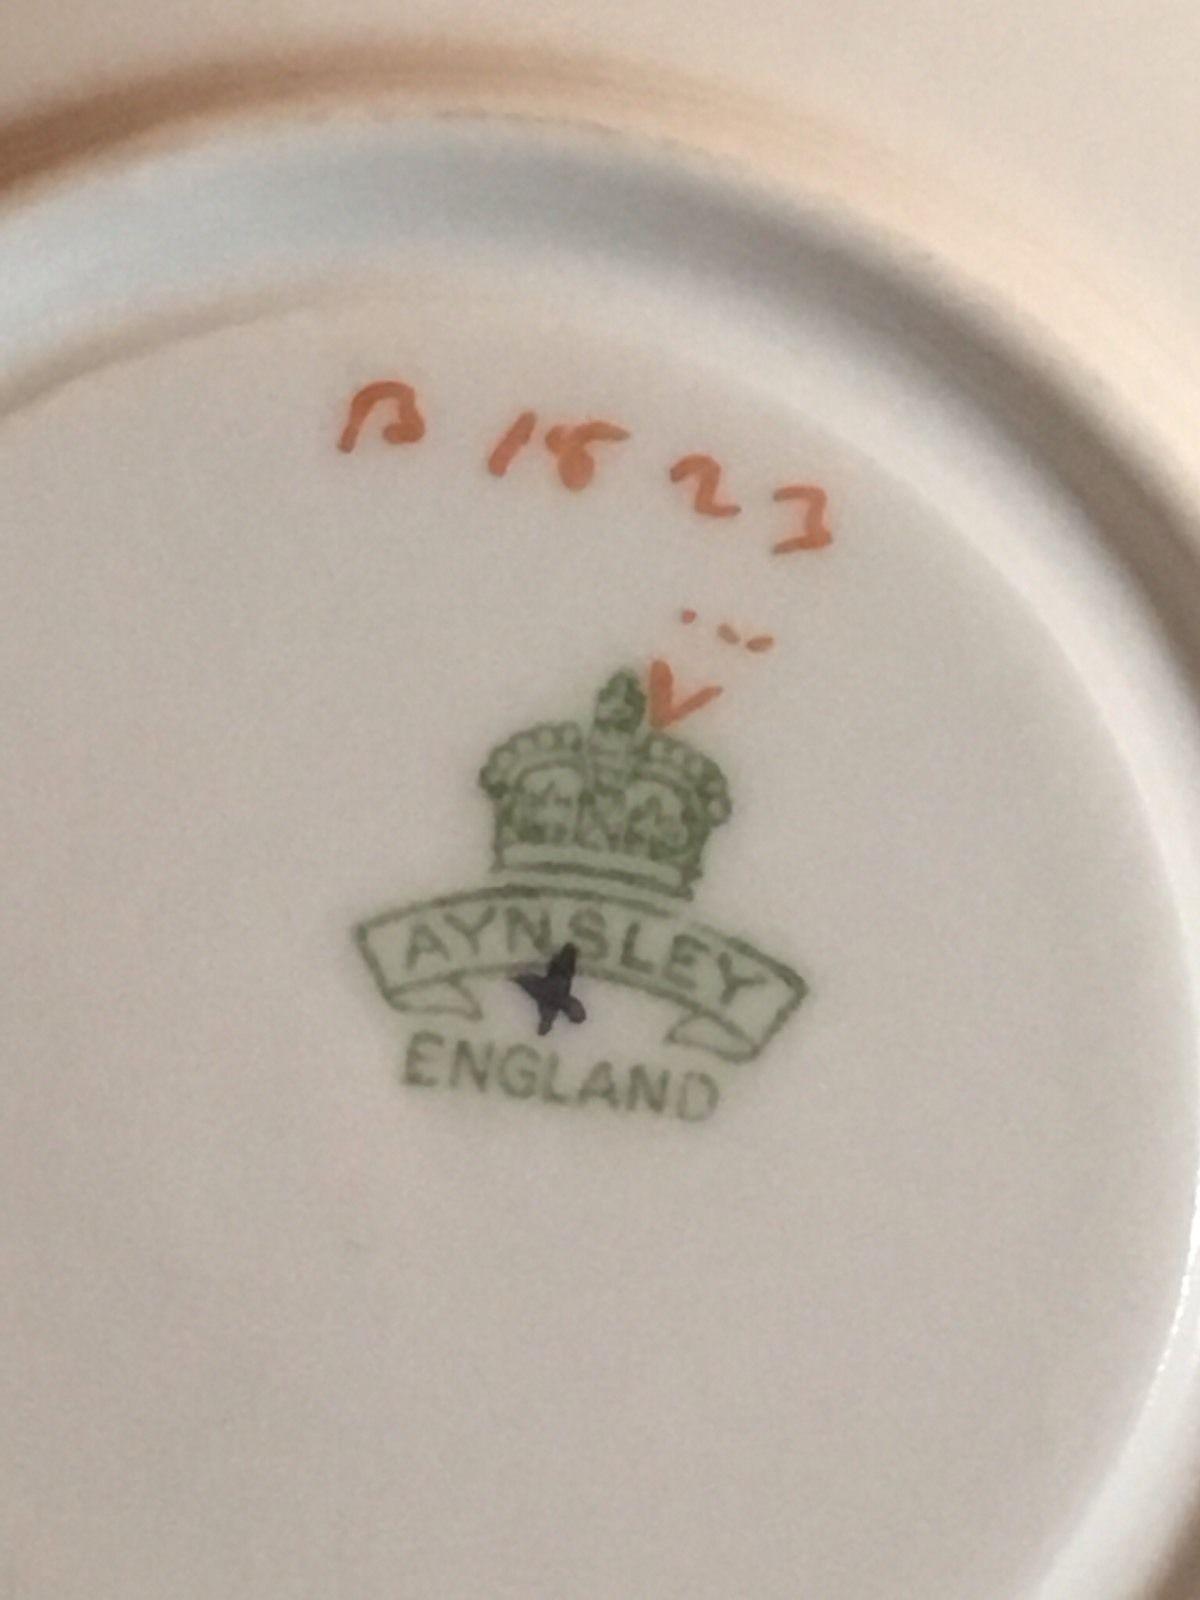 エインズレイティーカップ&ソーサー「ベネチア女性とバタフライハンドル」のマーク